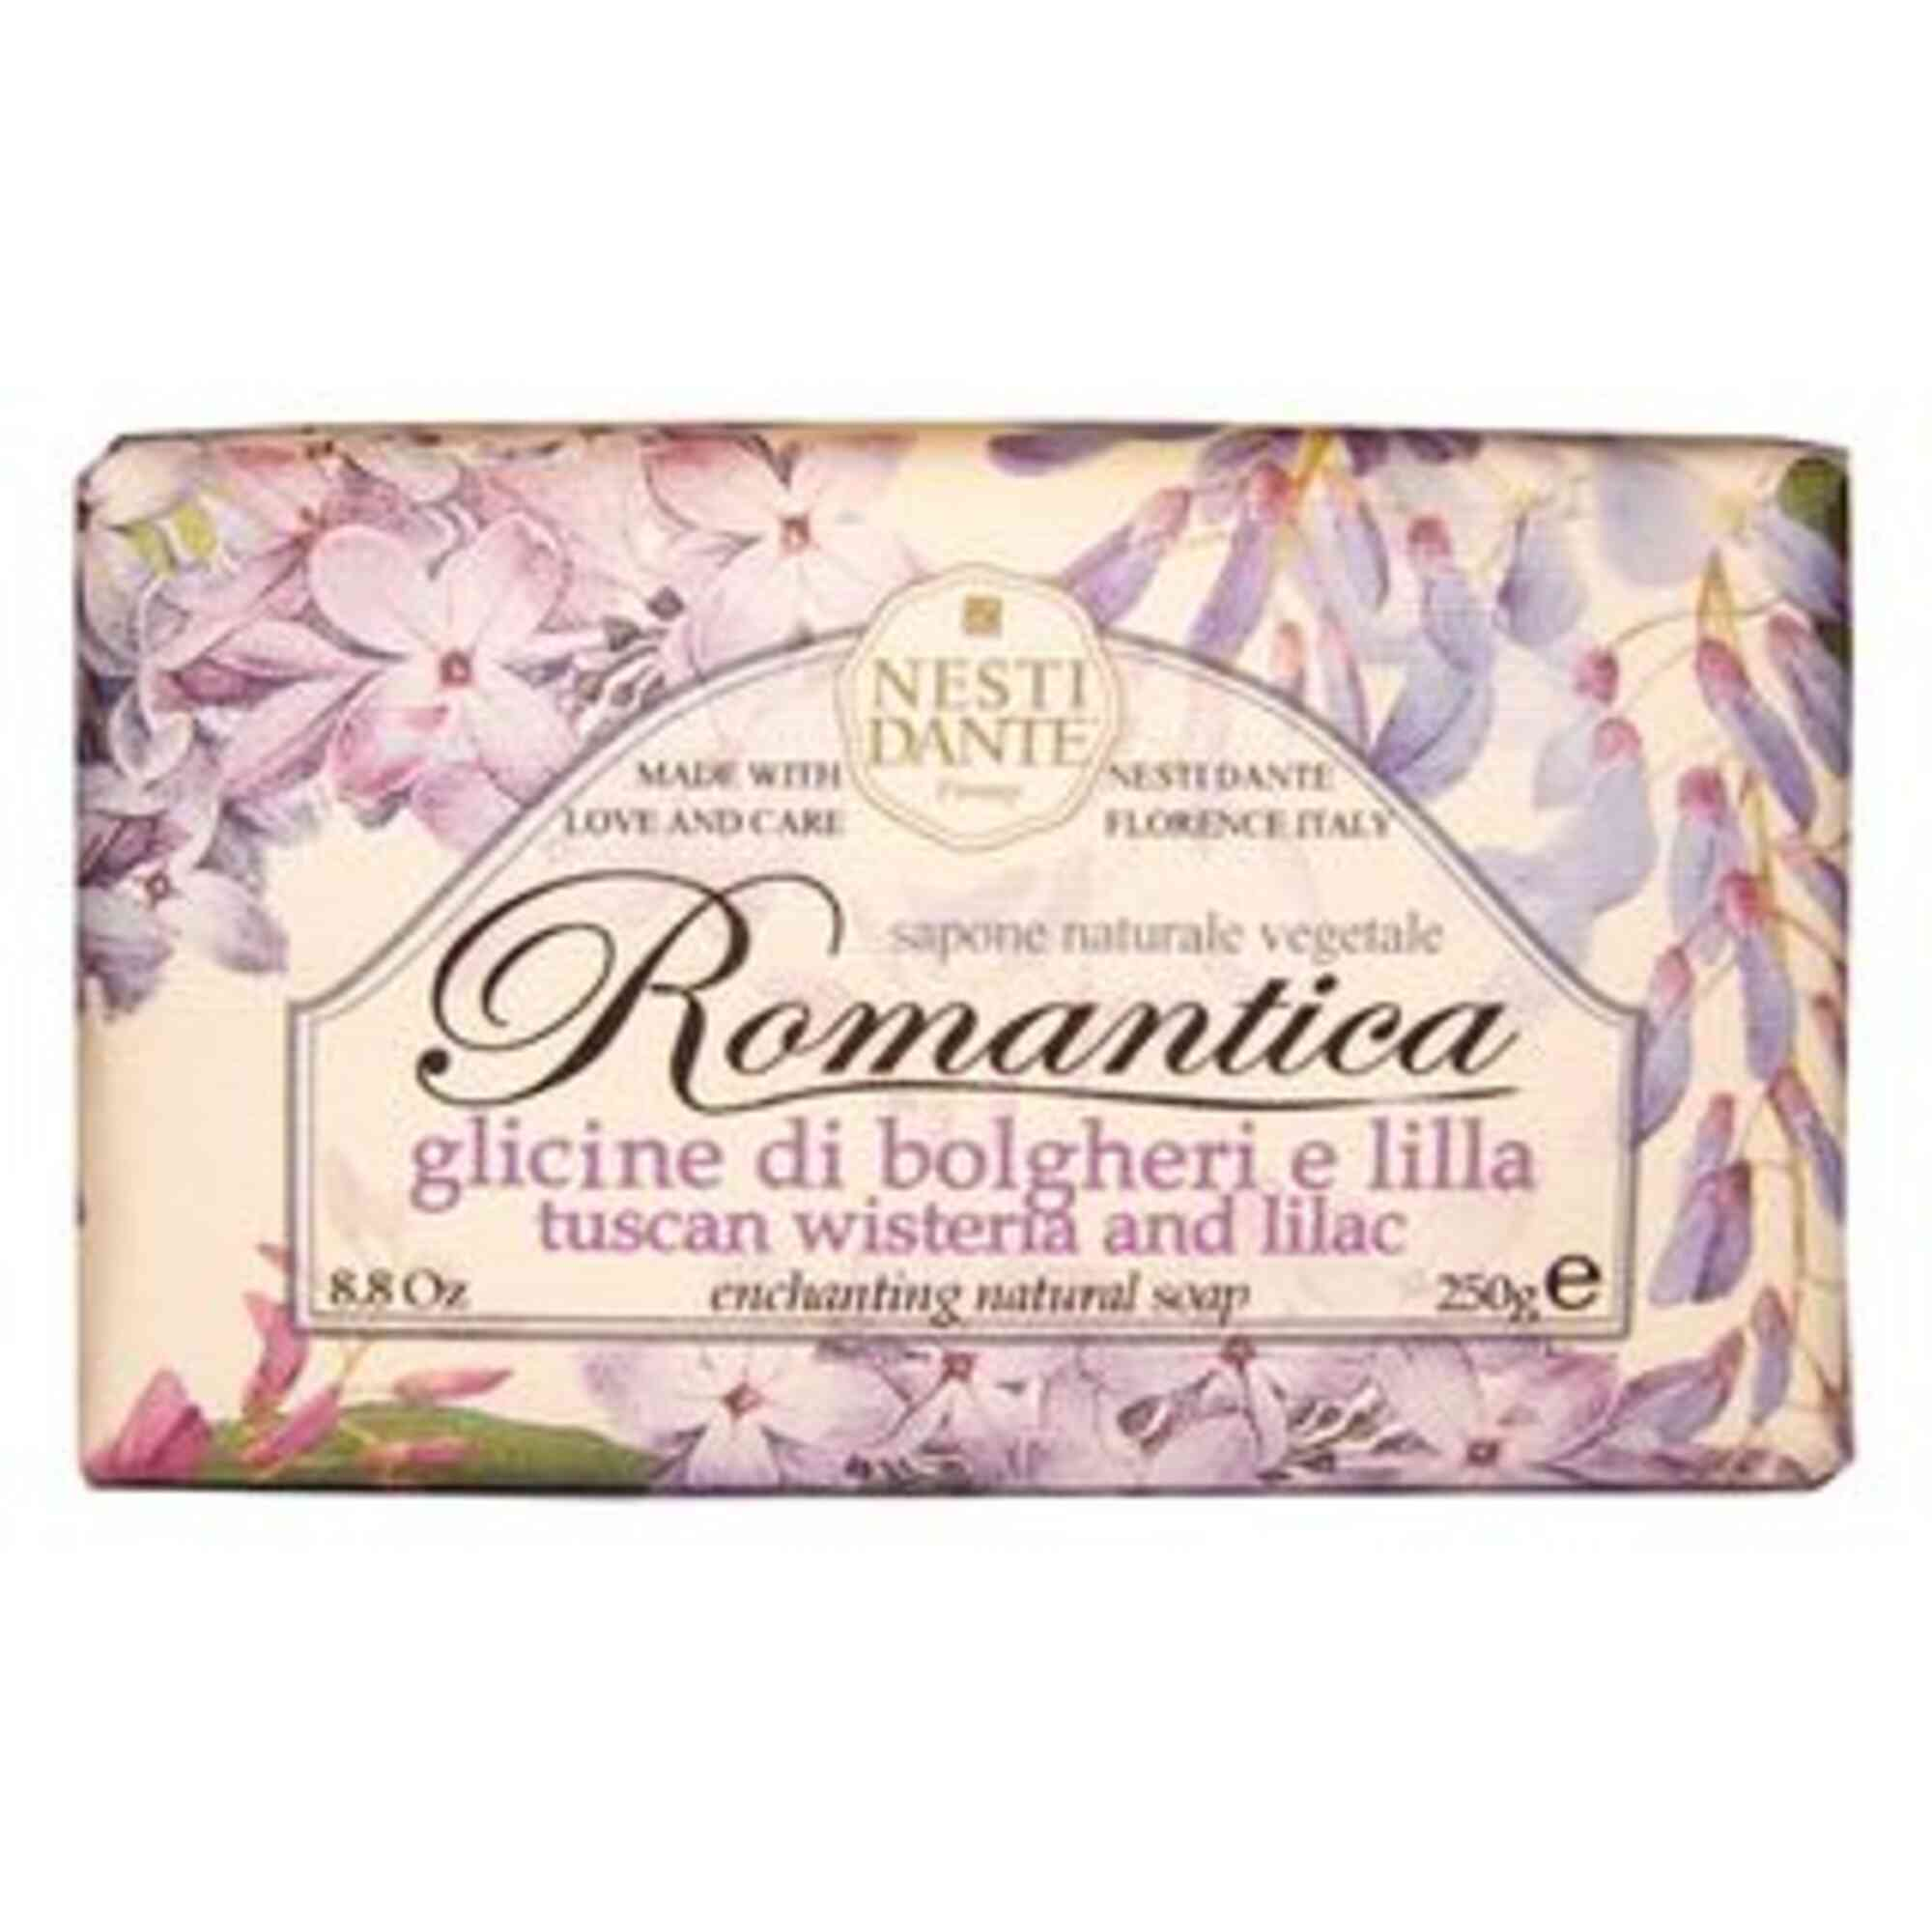 Sabonete Romantica glicínia Toscana e Essências de Lílas 250g Nesti Dante